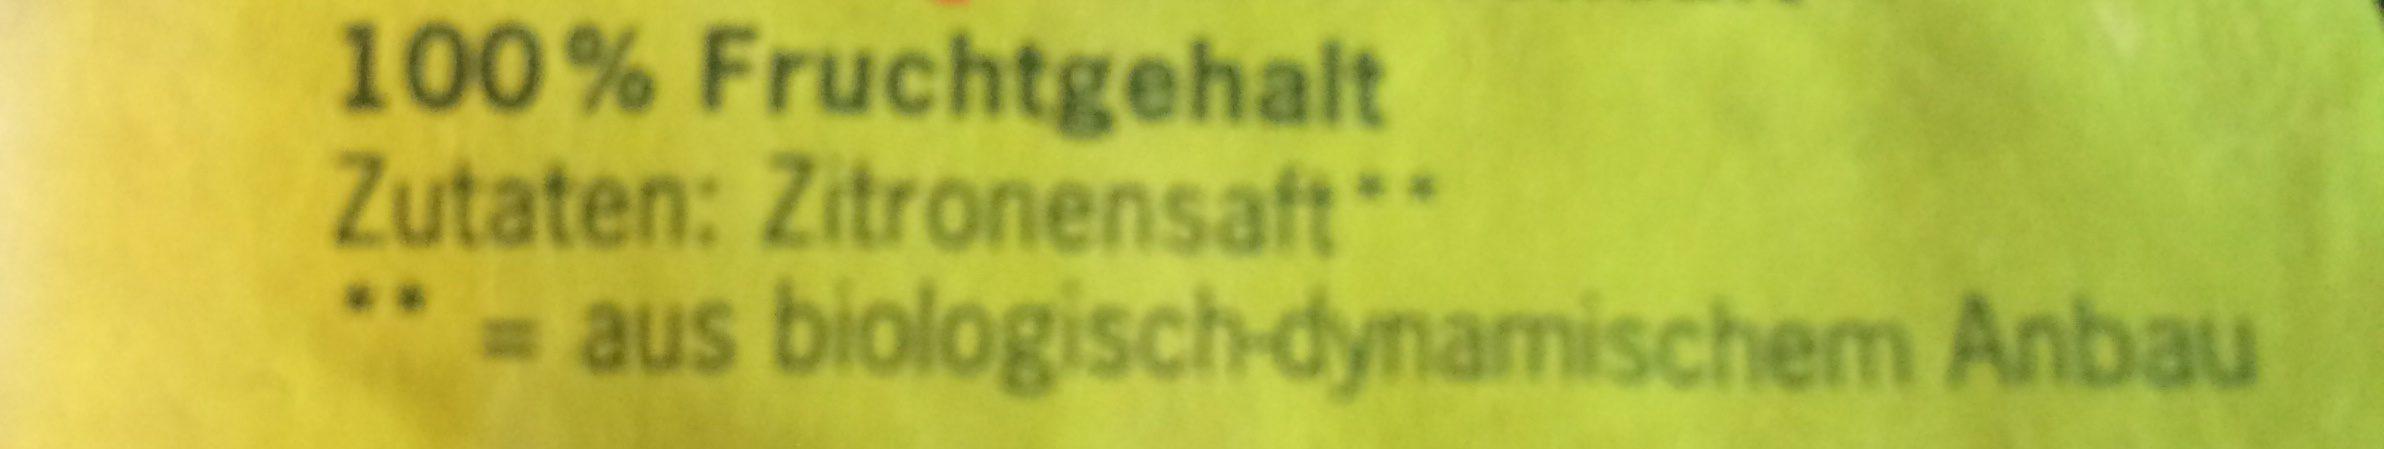 Zitronensaft, Voelkel, 100 % Fruchtgehalt - Ingredienti - fr